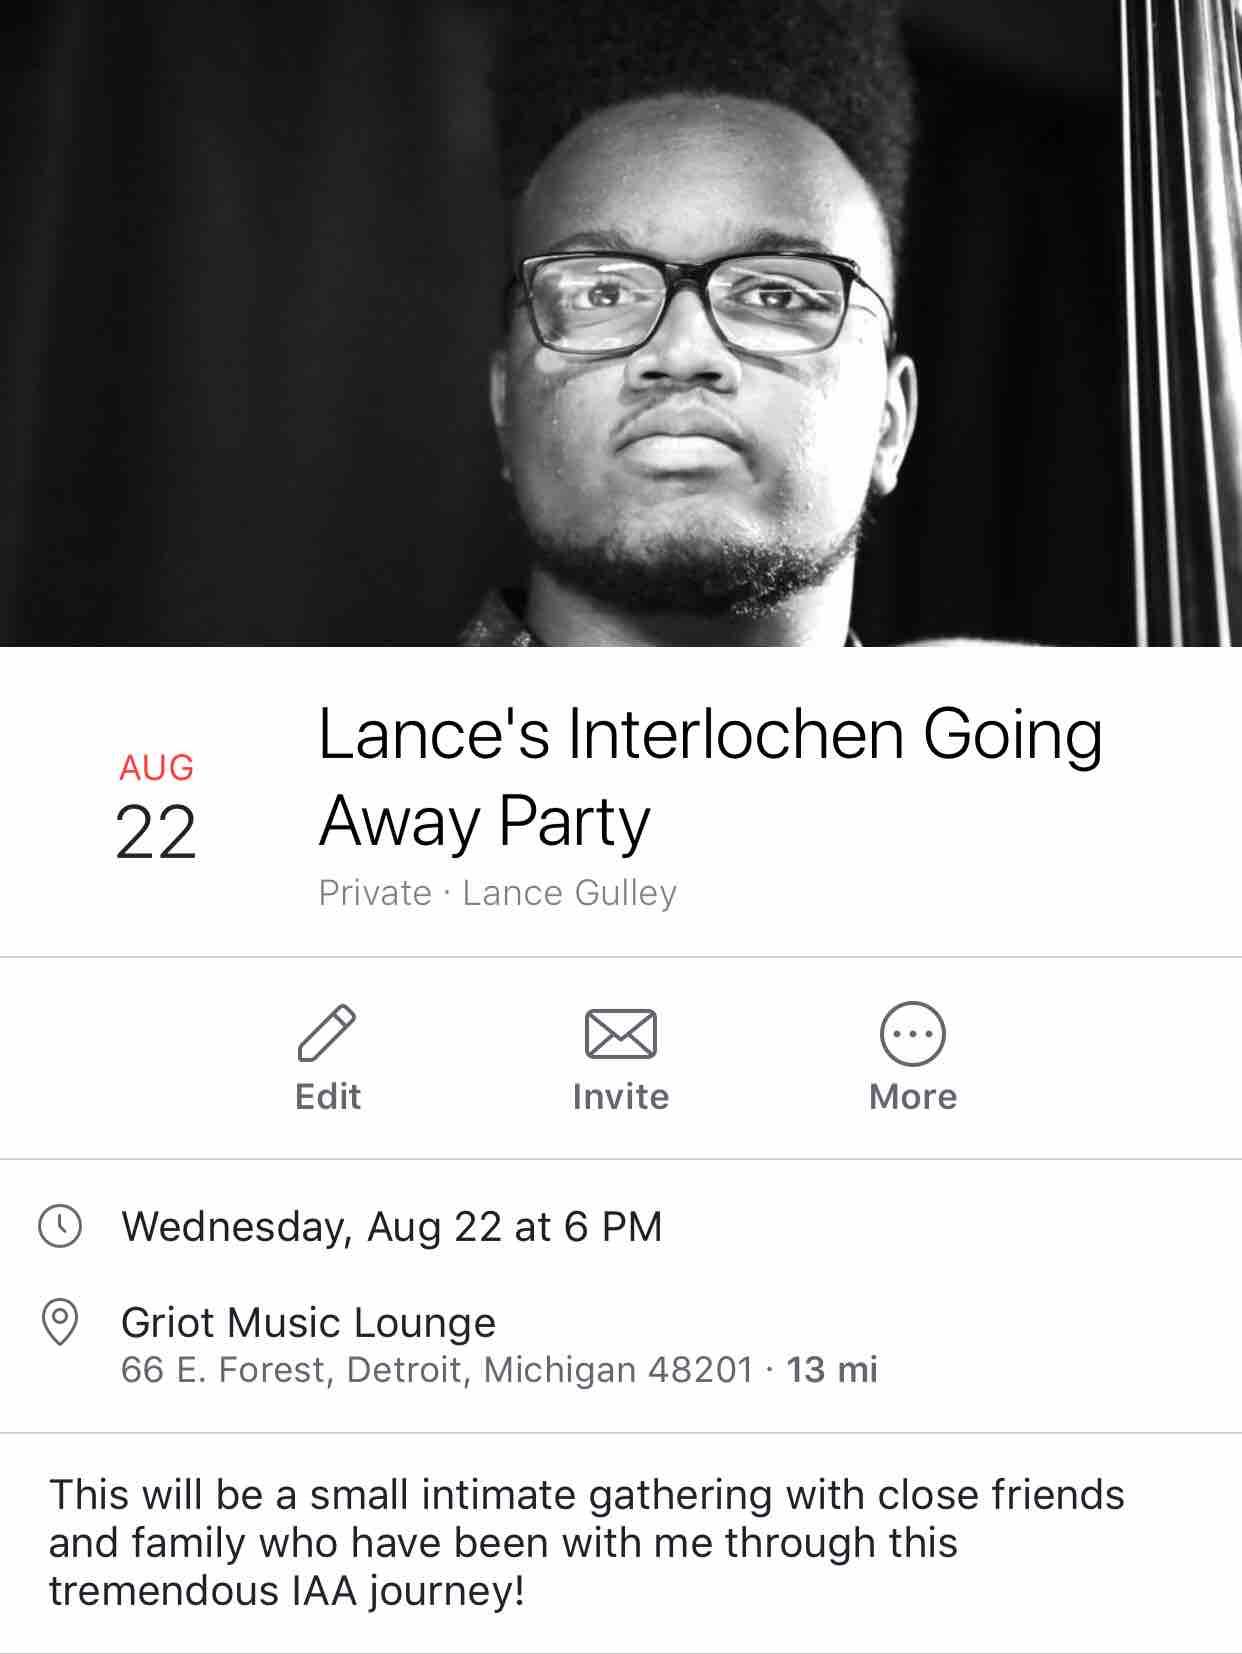 Fundraiser by Lance Gulley : Help Lance Attend Interlochen